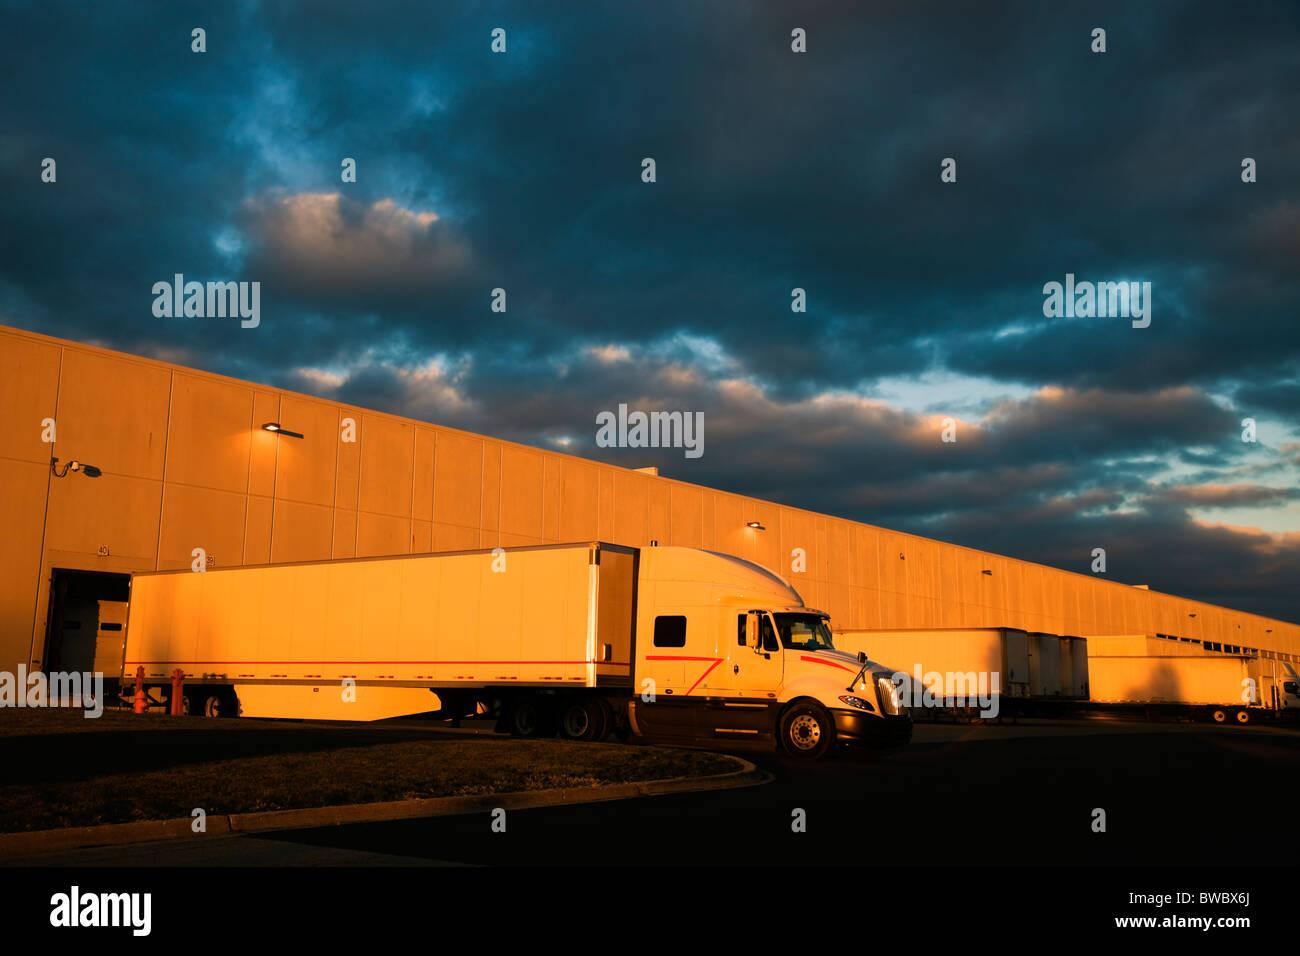 Coucher de soleil spectaculaire au-dessus de l'entrepôt de distribution Photo Stock